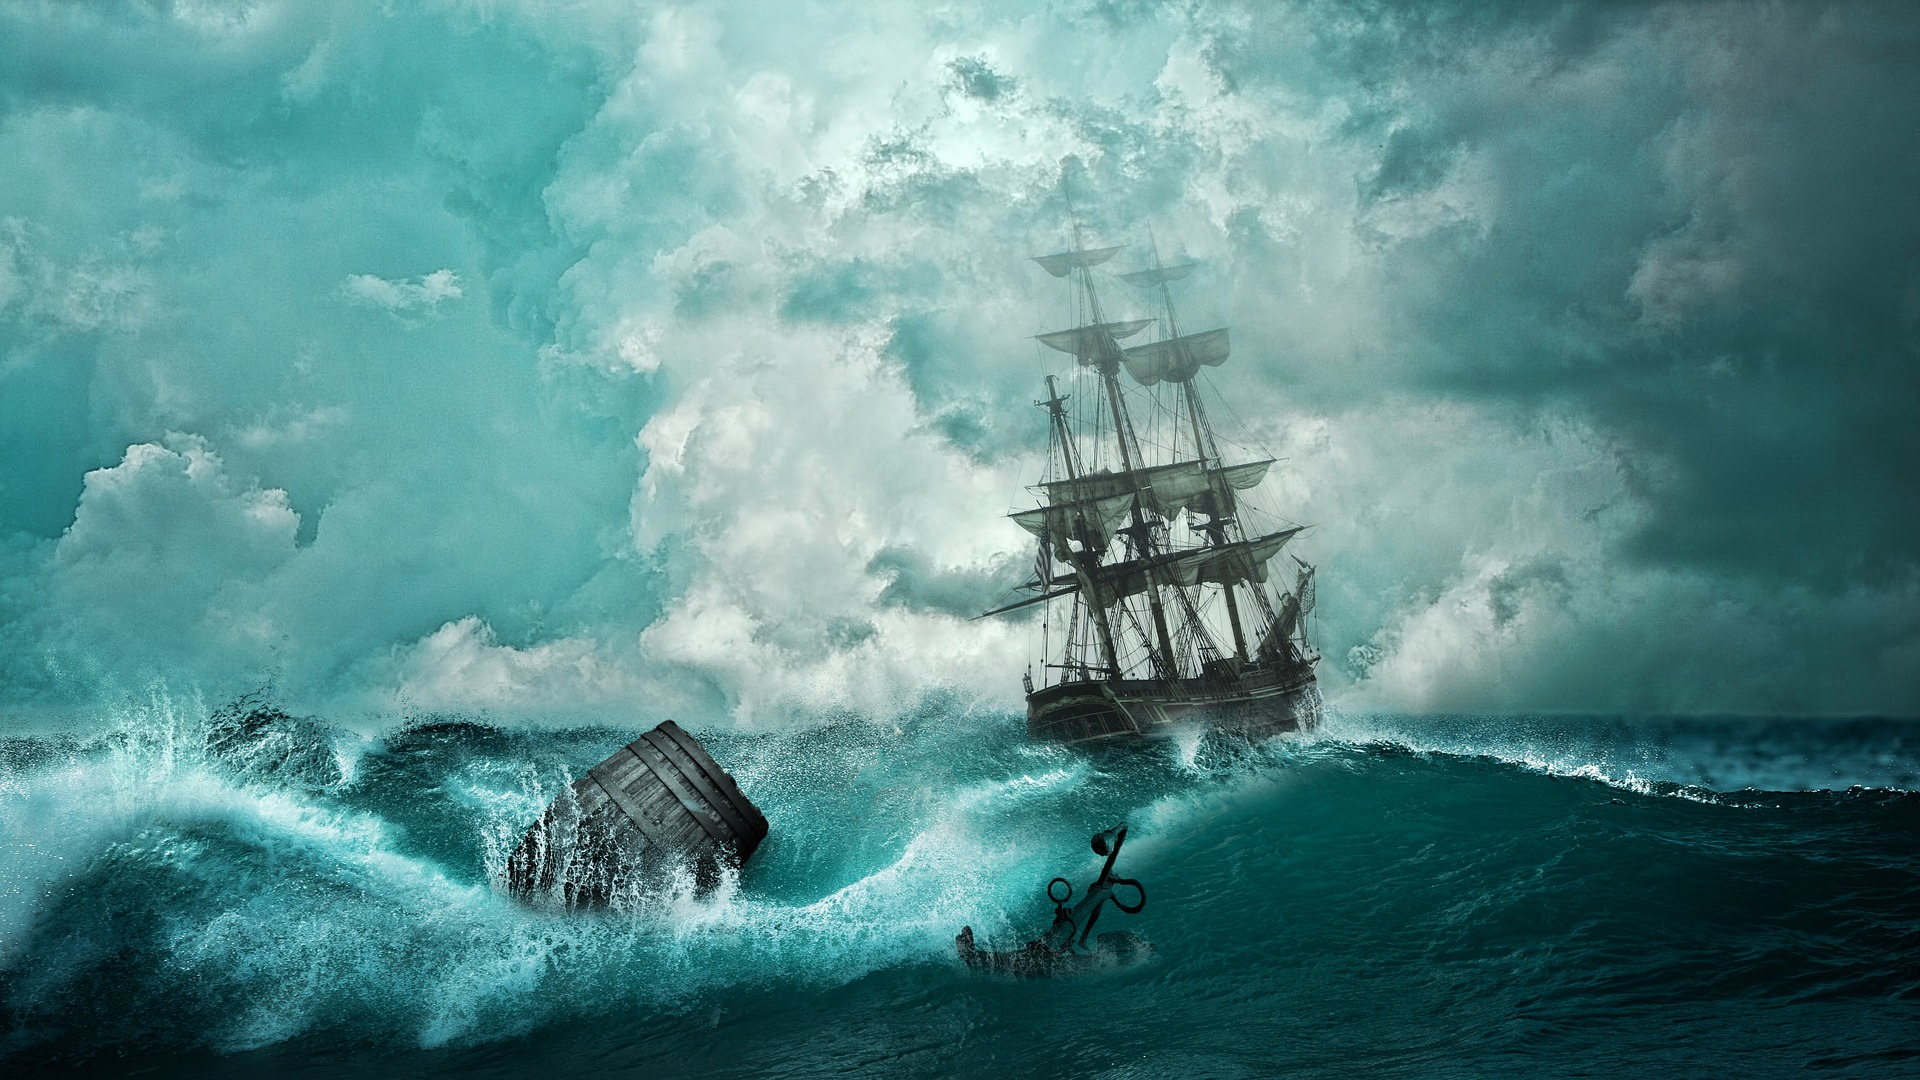 船, naufragio, ボート, 海, 冒険, テンペスト, アンカー - HD の壁紙 - 教授-falken.com